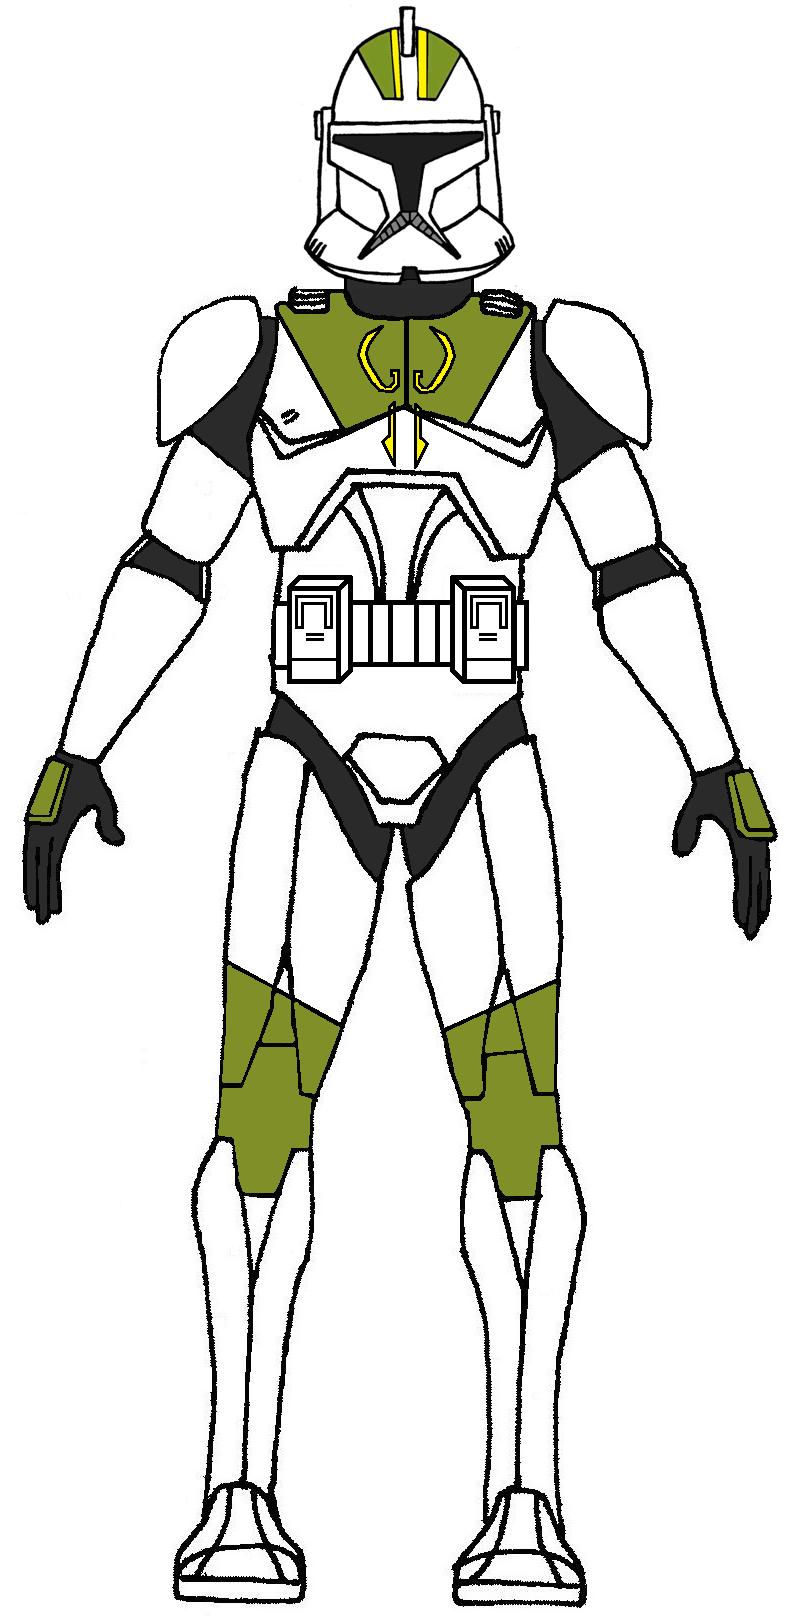 Increíble Guerras Clónicas Para Colorear Páginas Capitán Rex ...